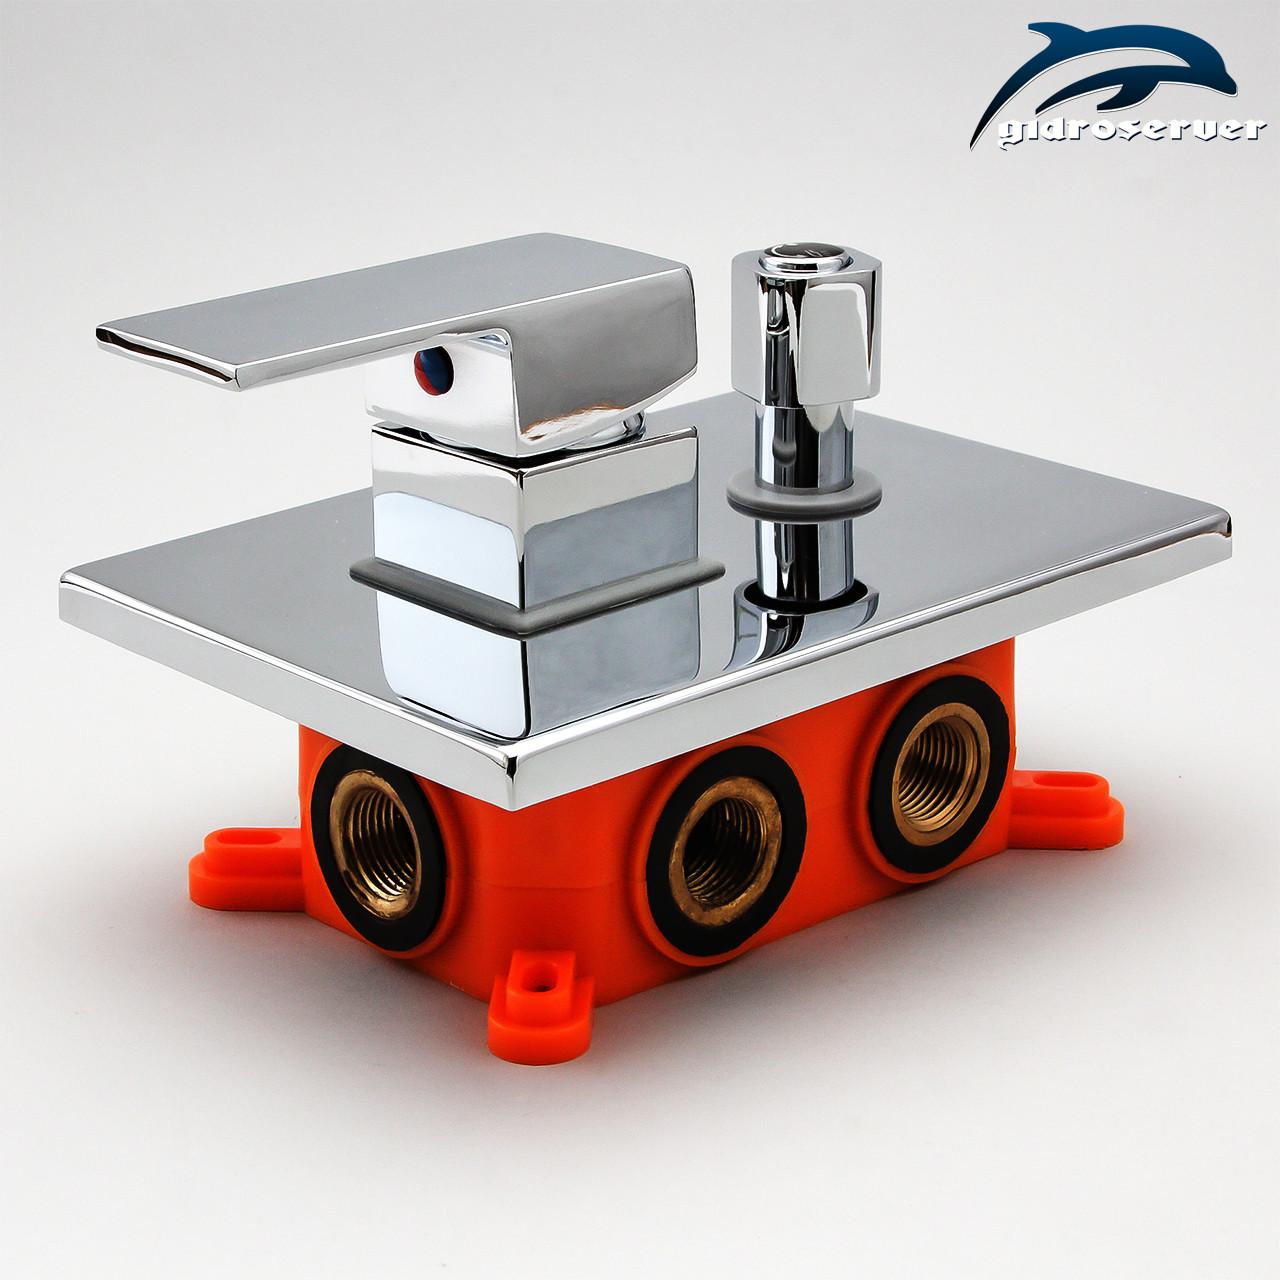 Смеситель скрытого монтажа для душа KVB-03 с переключателем на 3 положения.